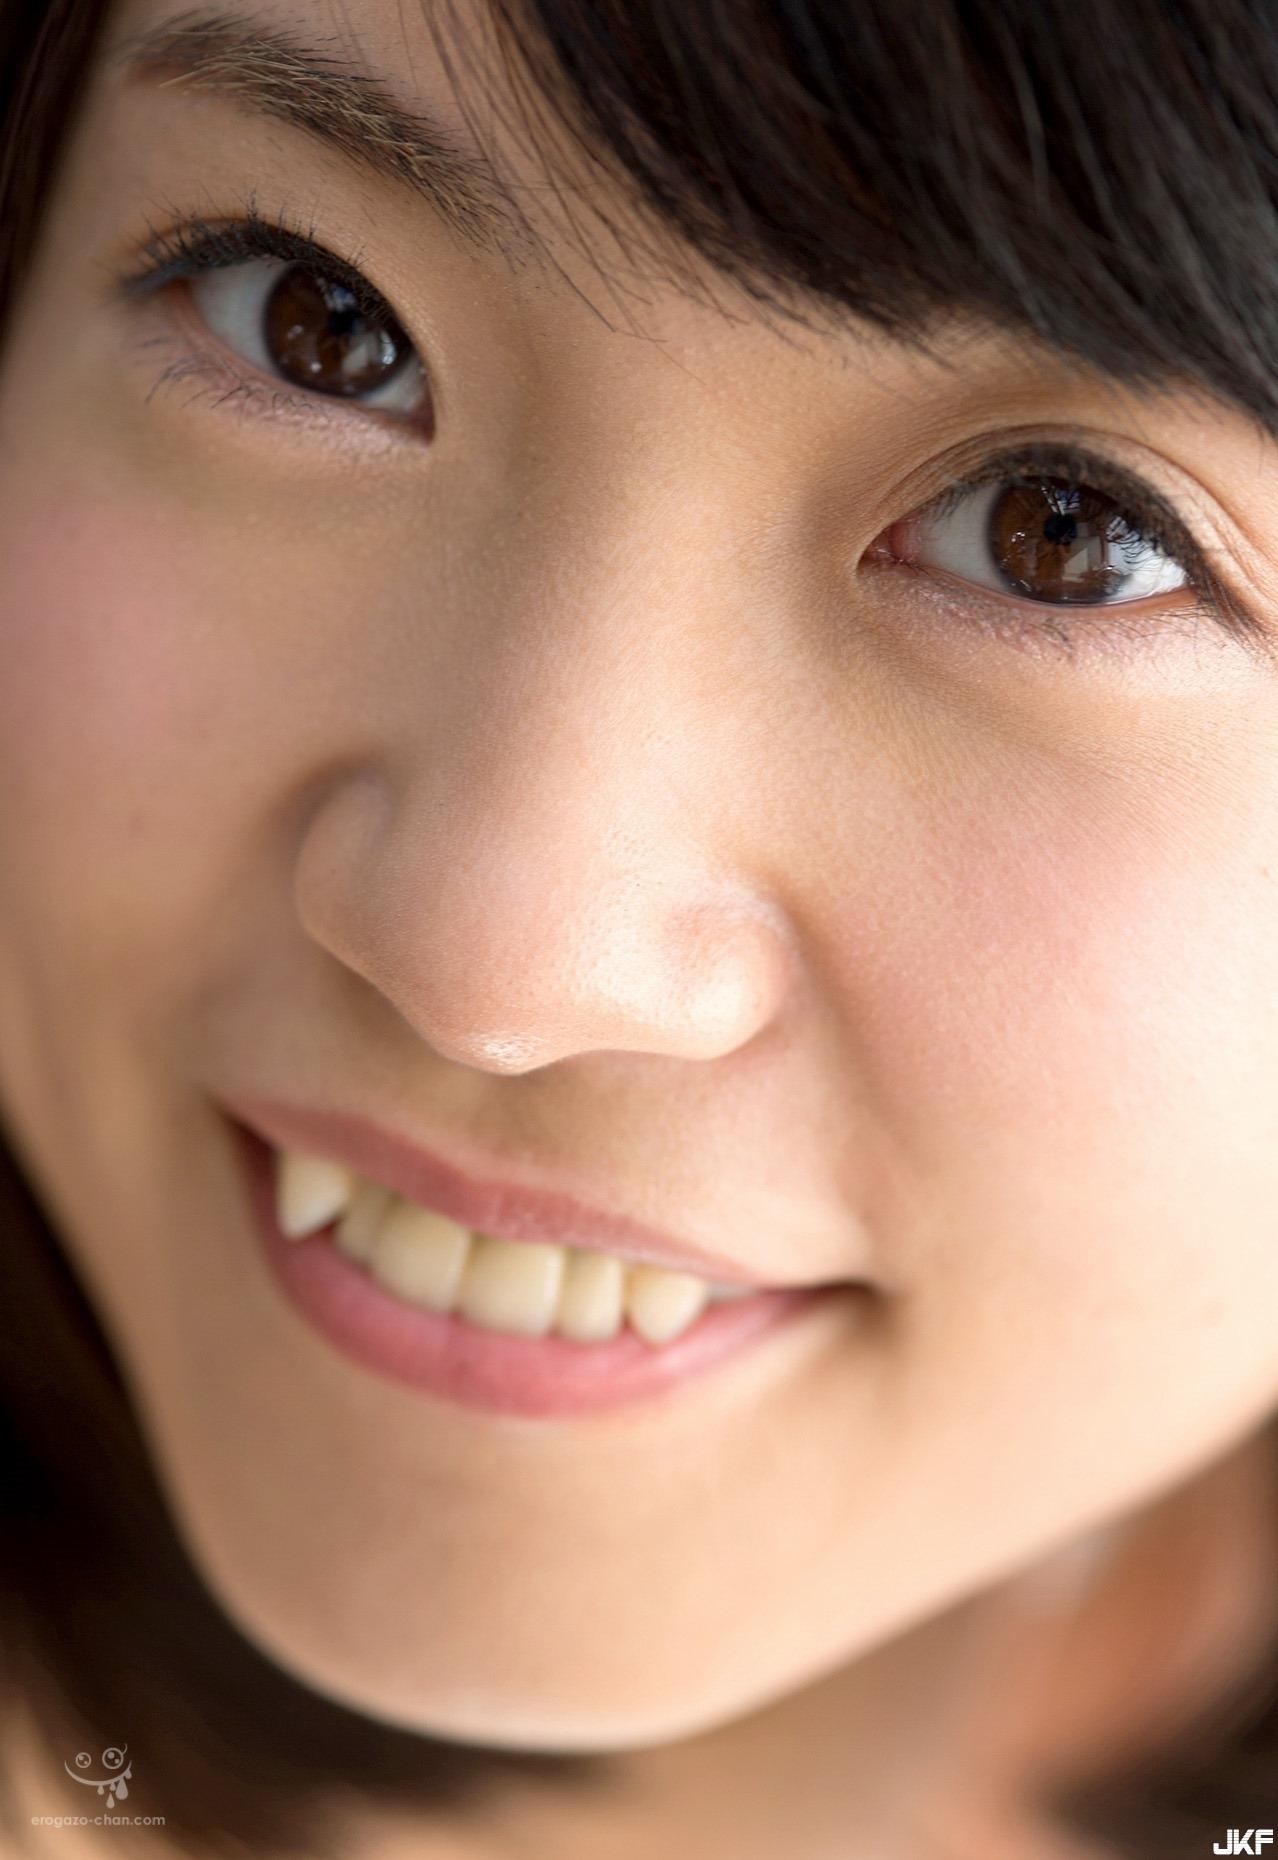 nagase_mami_1052-003.jpg